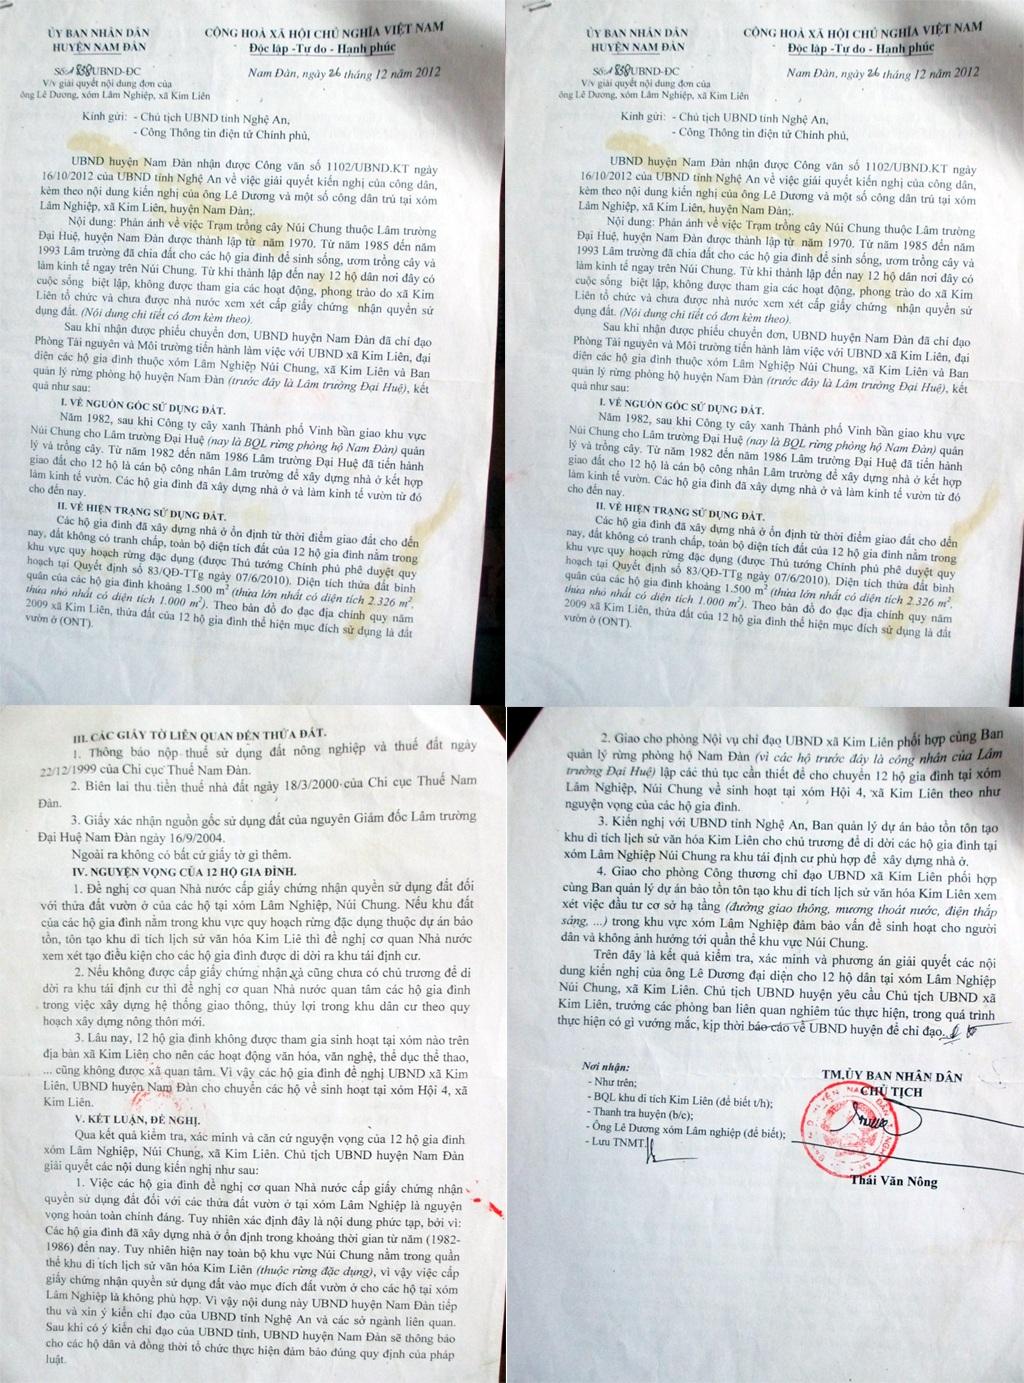 Công văn của UBND huyện Nam Đàn về việc giải quyết đơn thư, khiếu nại của công dân.